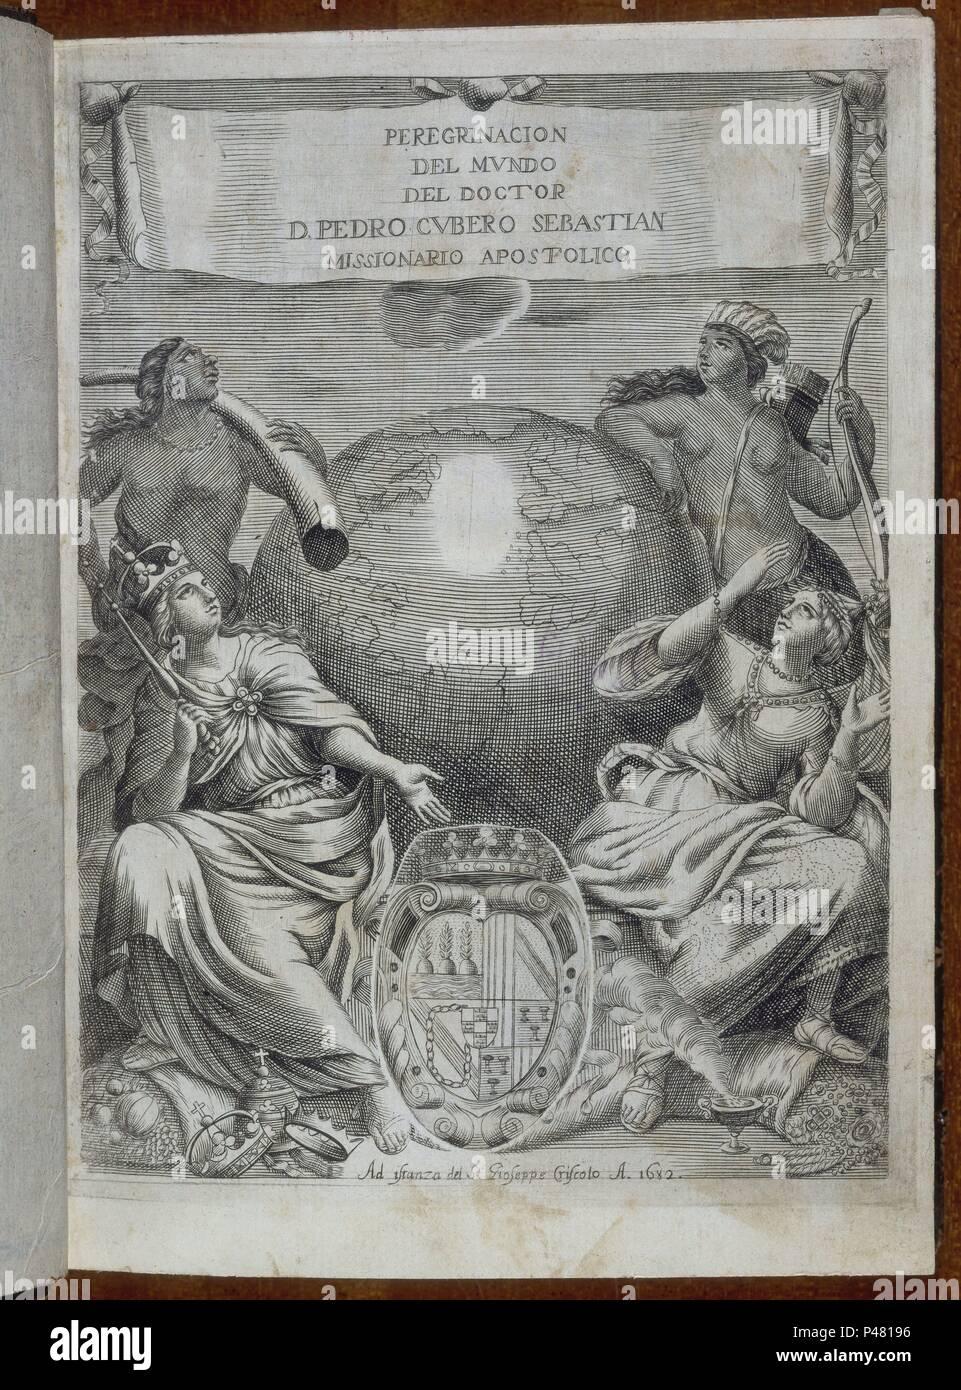 PEREGRINACION DEL MUNDO. Author: CUBERO PEDRO. Location: BIBLIOTECA NACIONAL-COLECCION, MADRID, SPAIN. - Stock Image